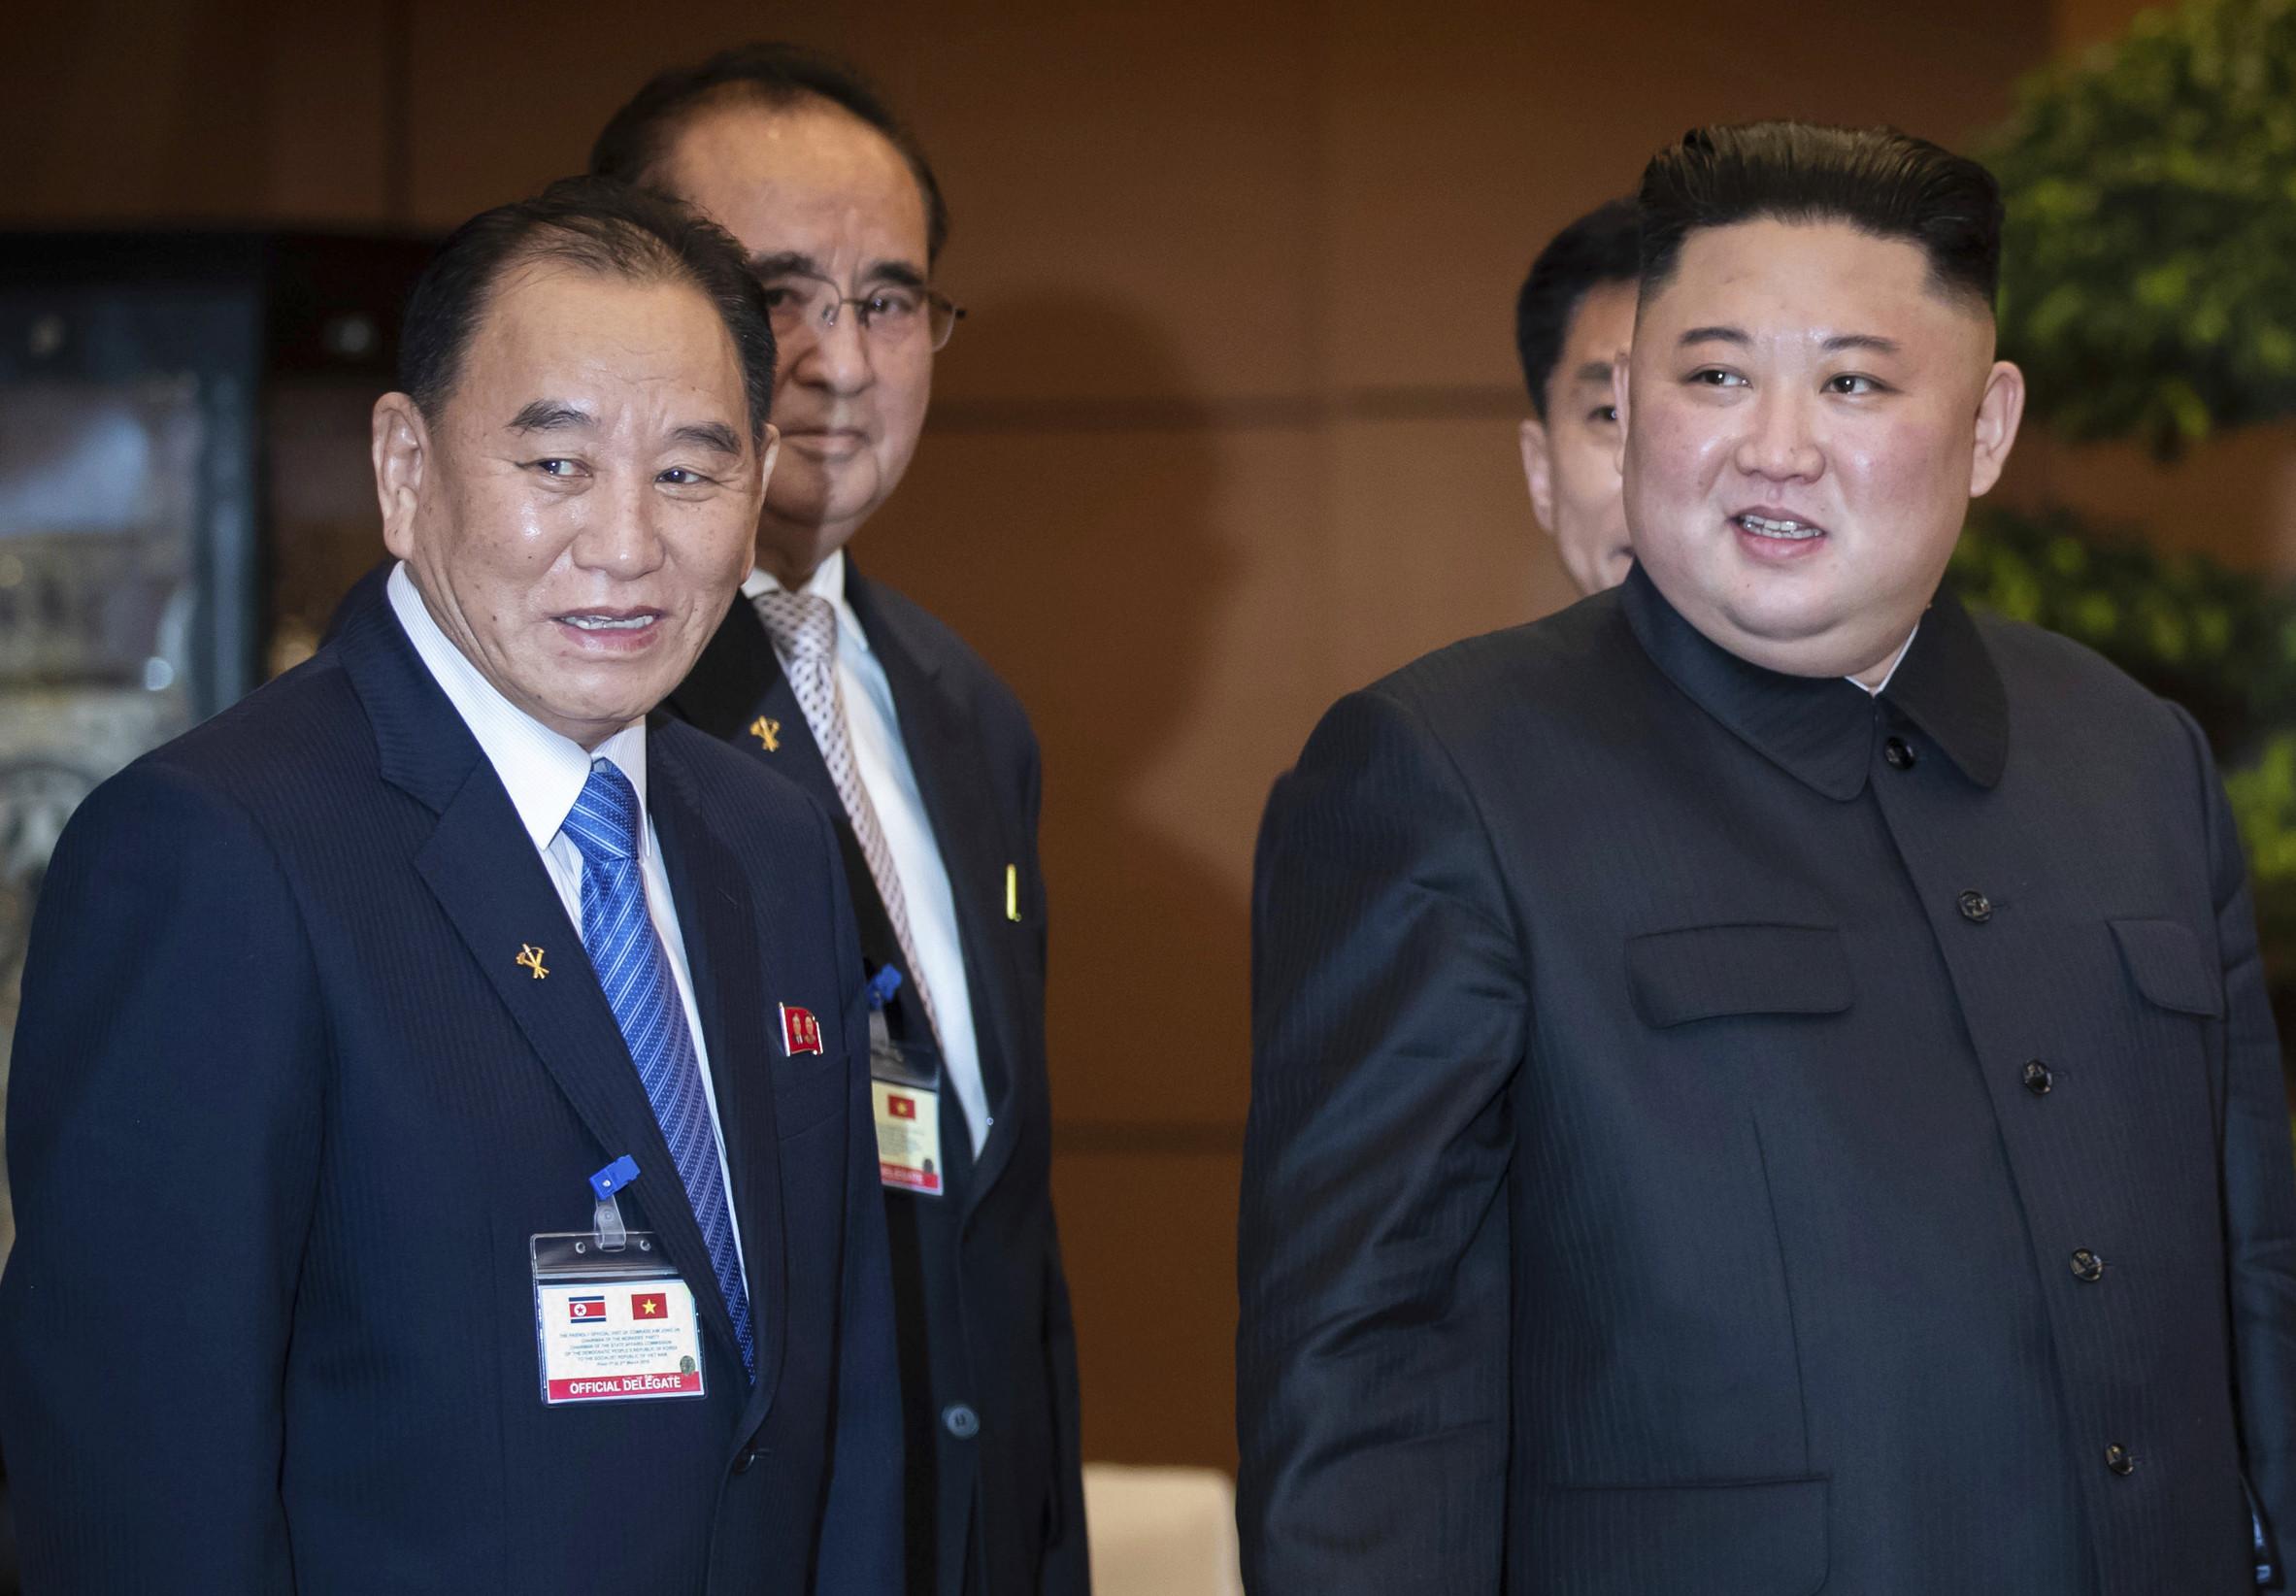 ▲▼ 北韓領導人金正恩(右)與北韓勞動黨副委員長金英哲(Kim Yong Chol,左)。(圖/達志影像/美聯社)